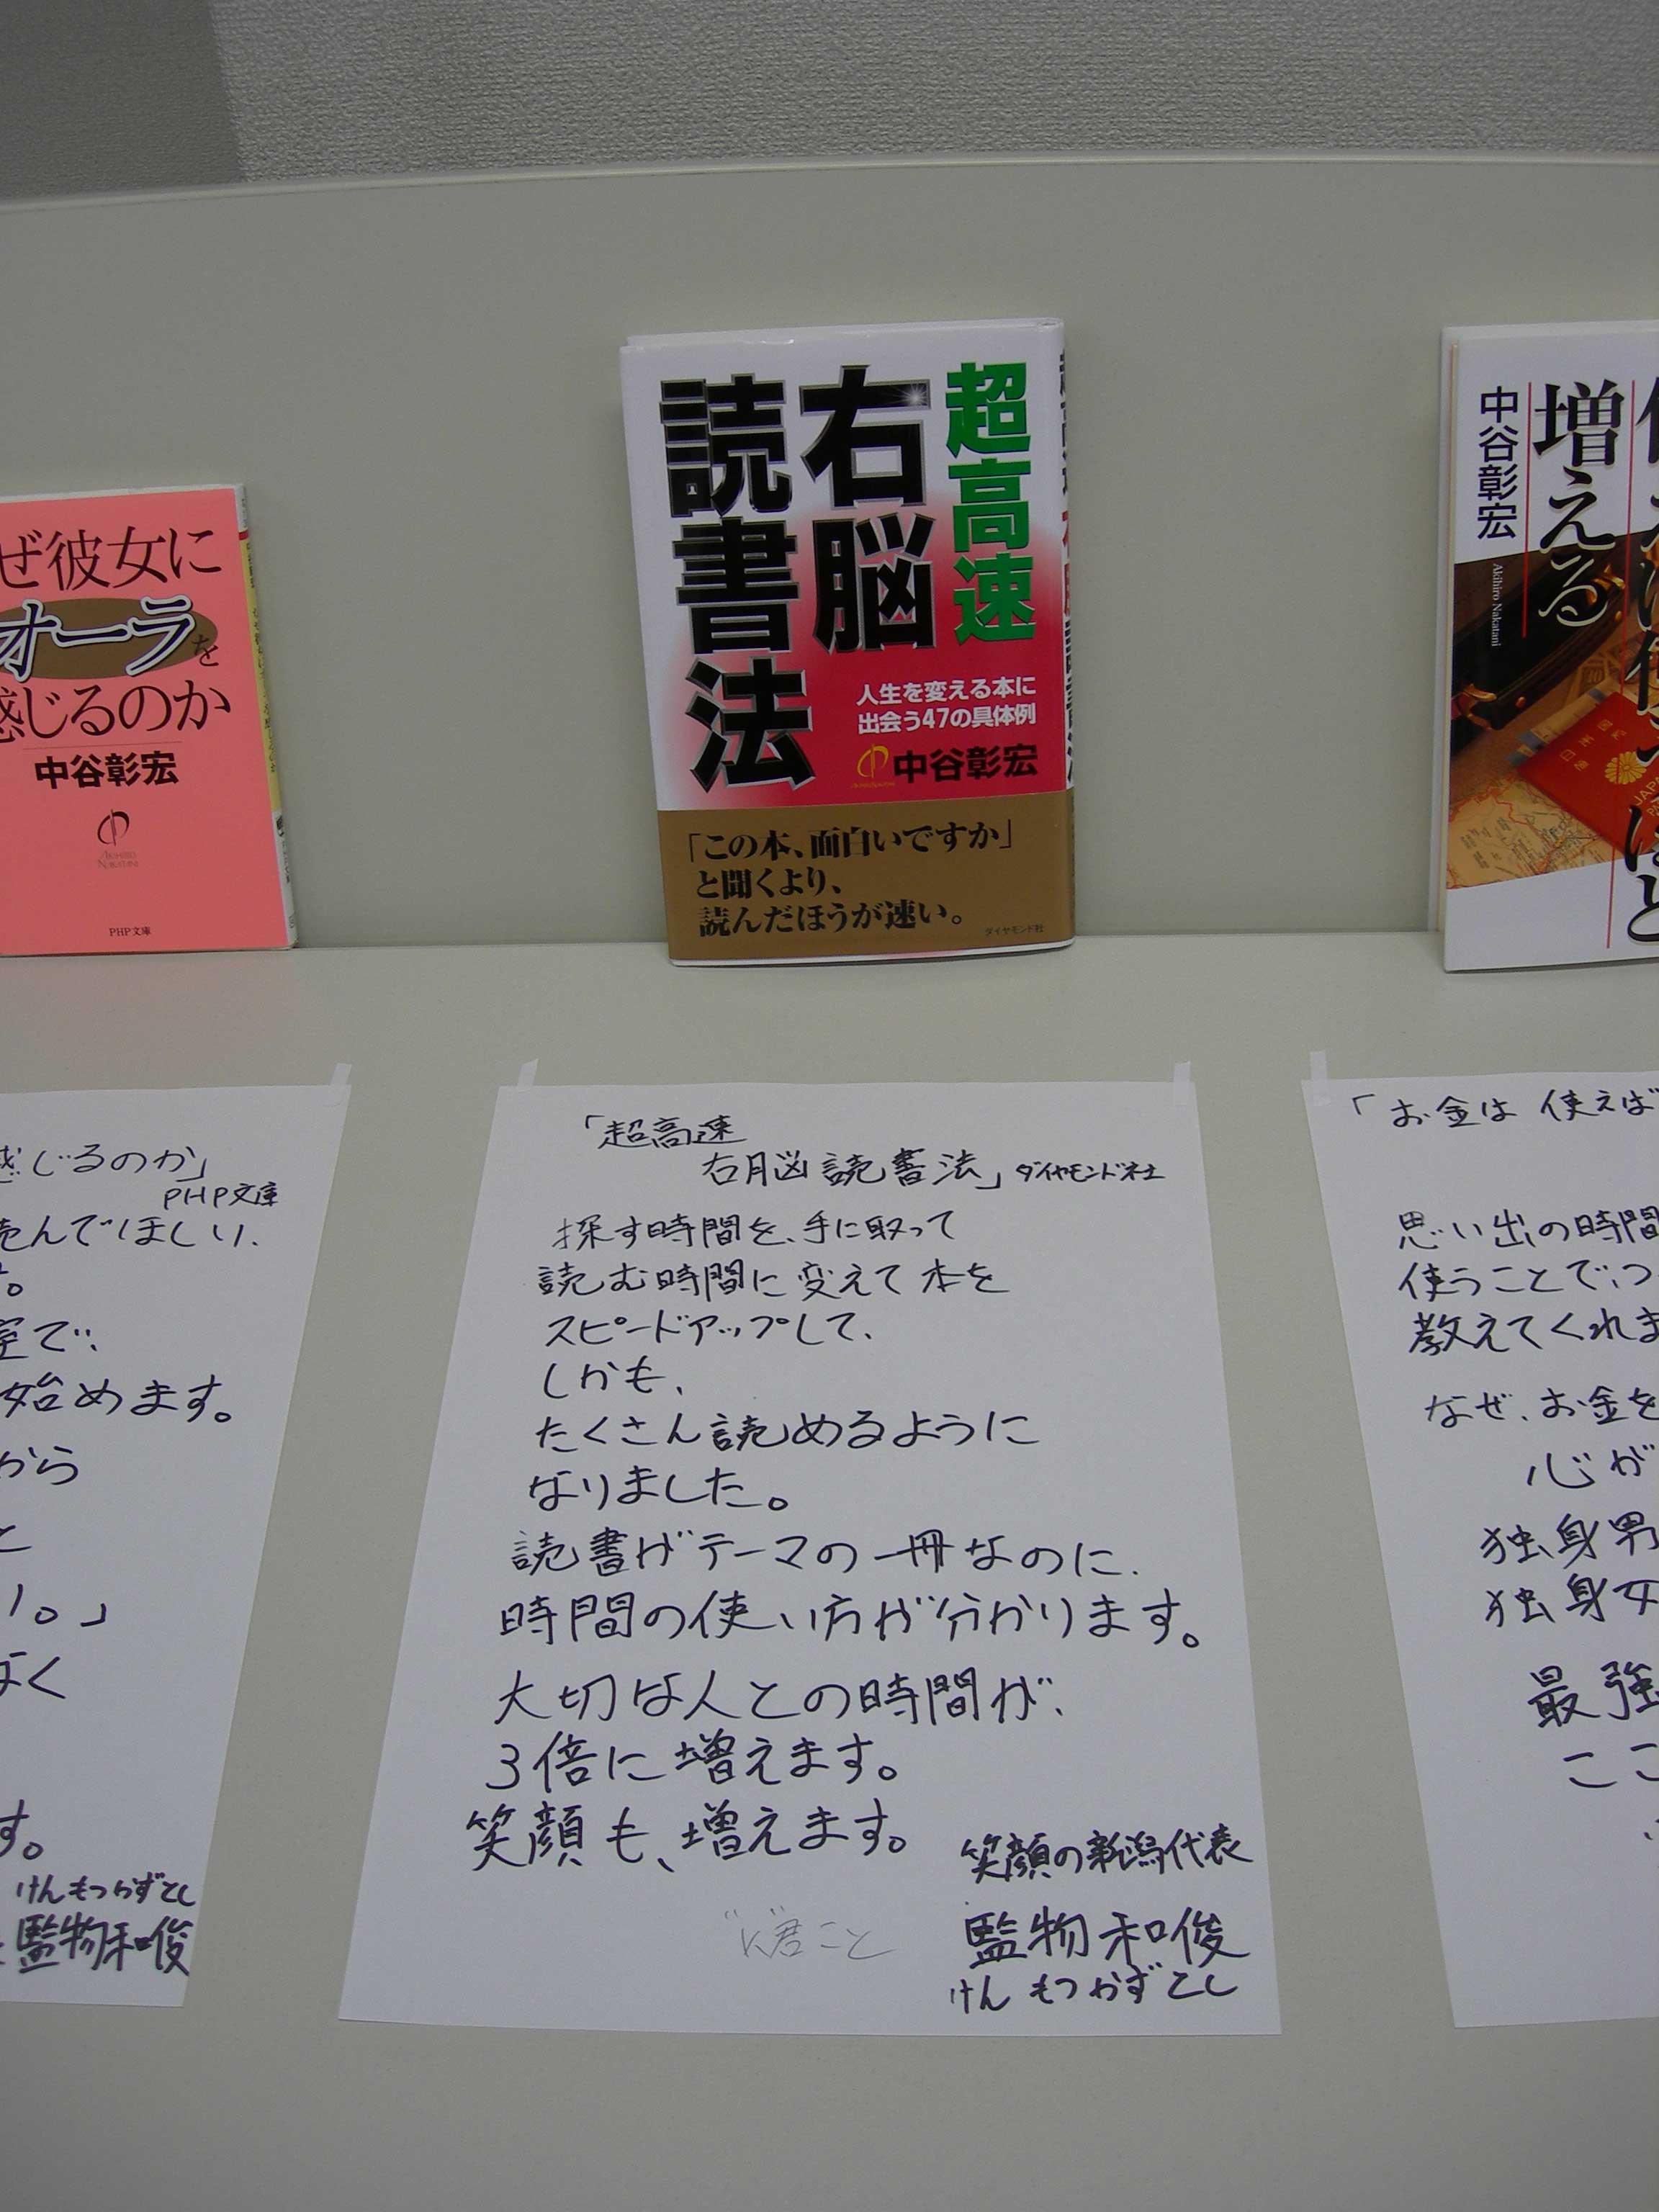 20100516_紹介文_監物和俊さん_6.jpg